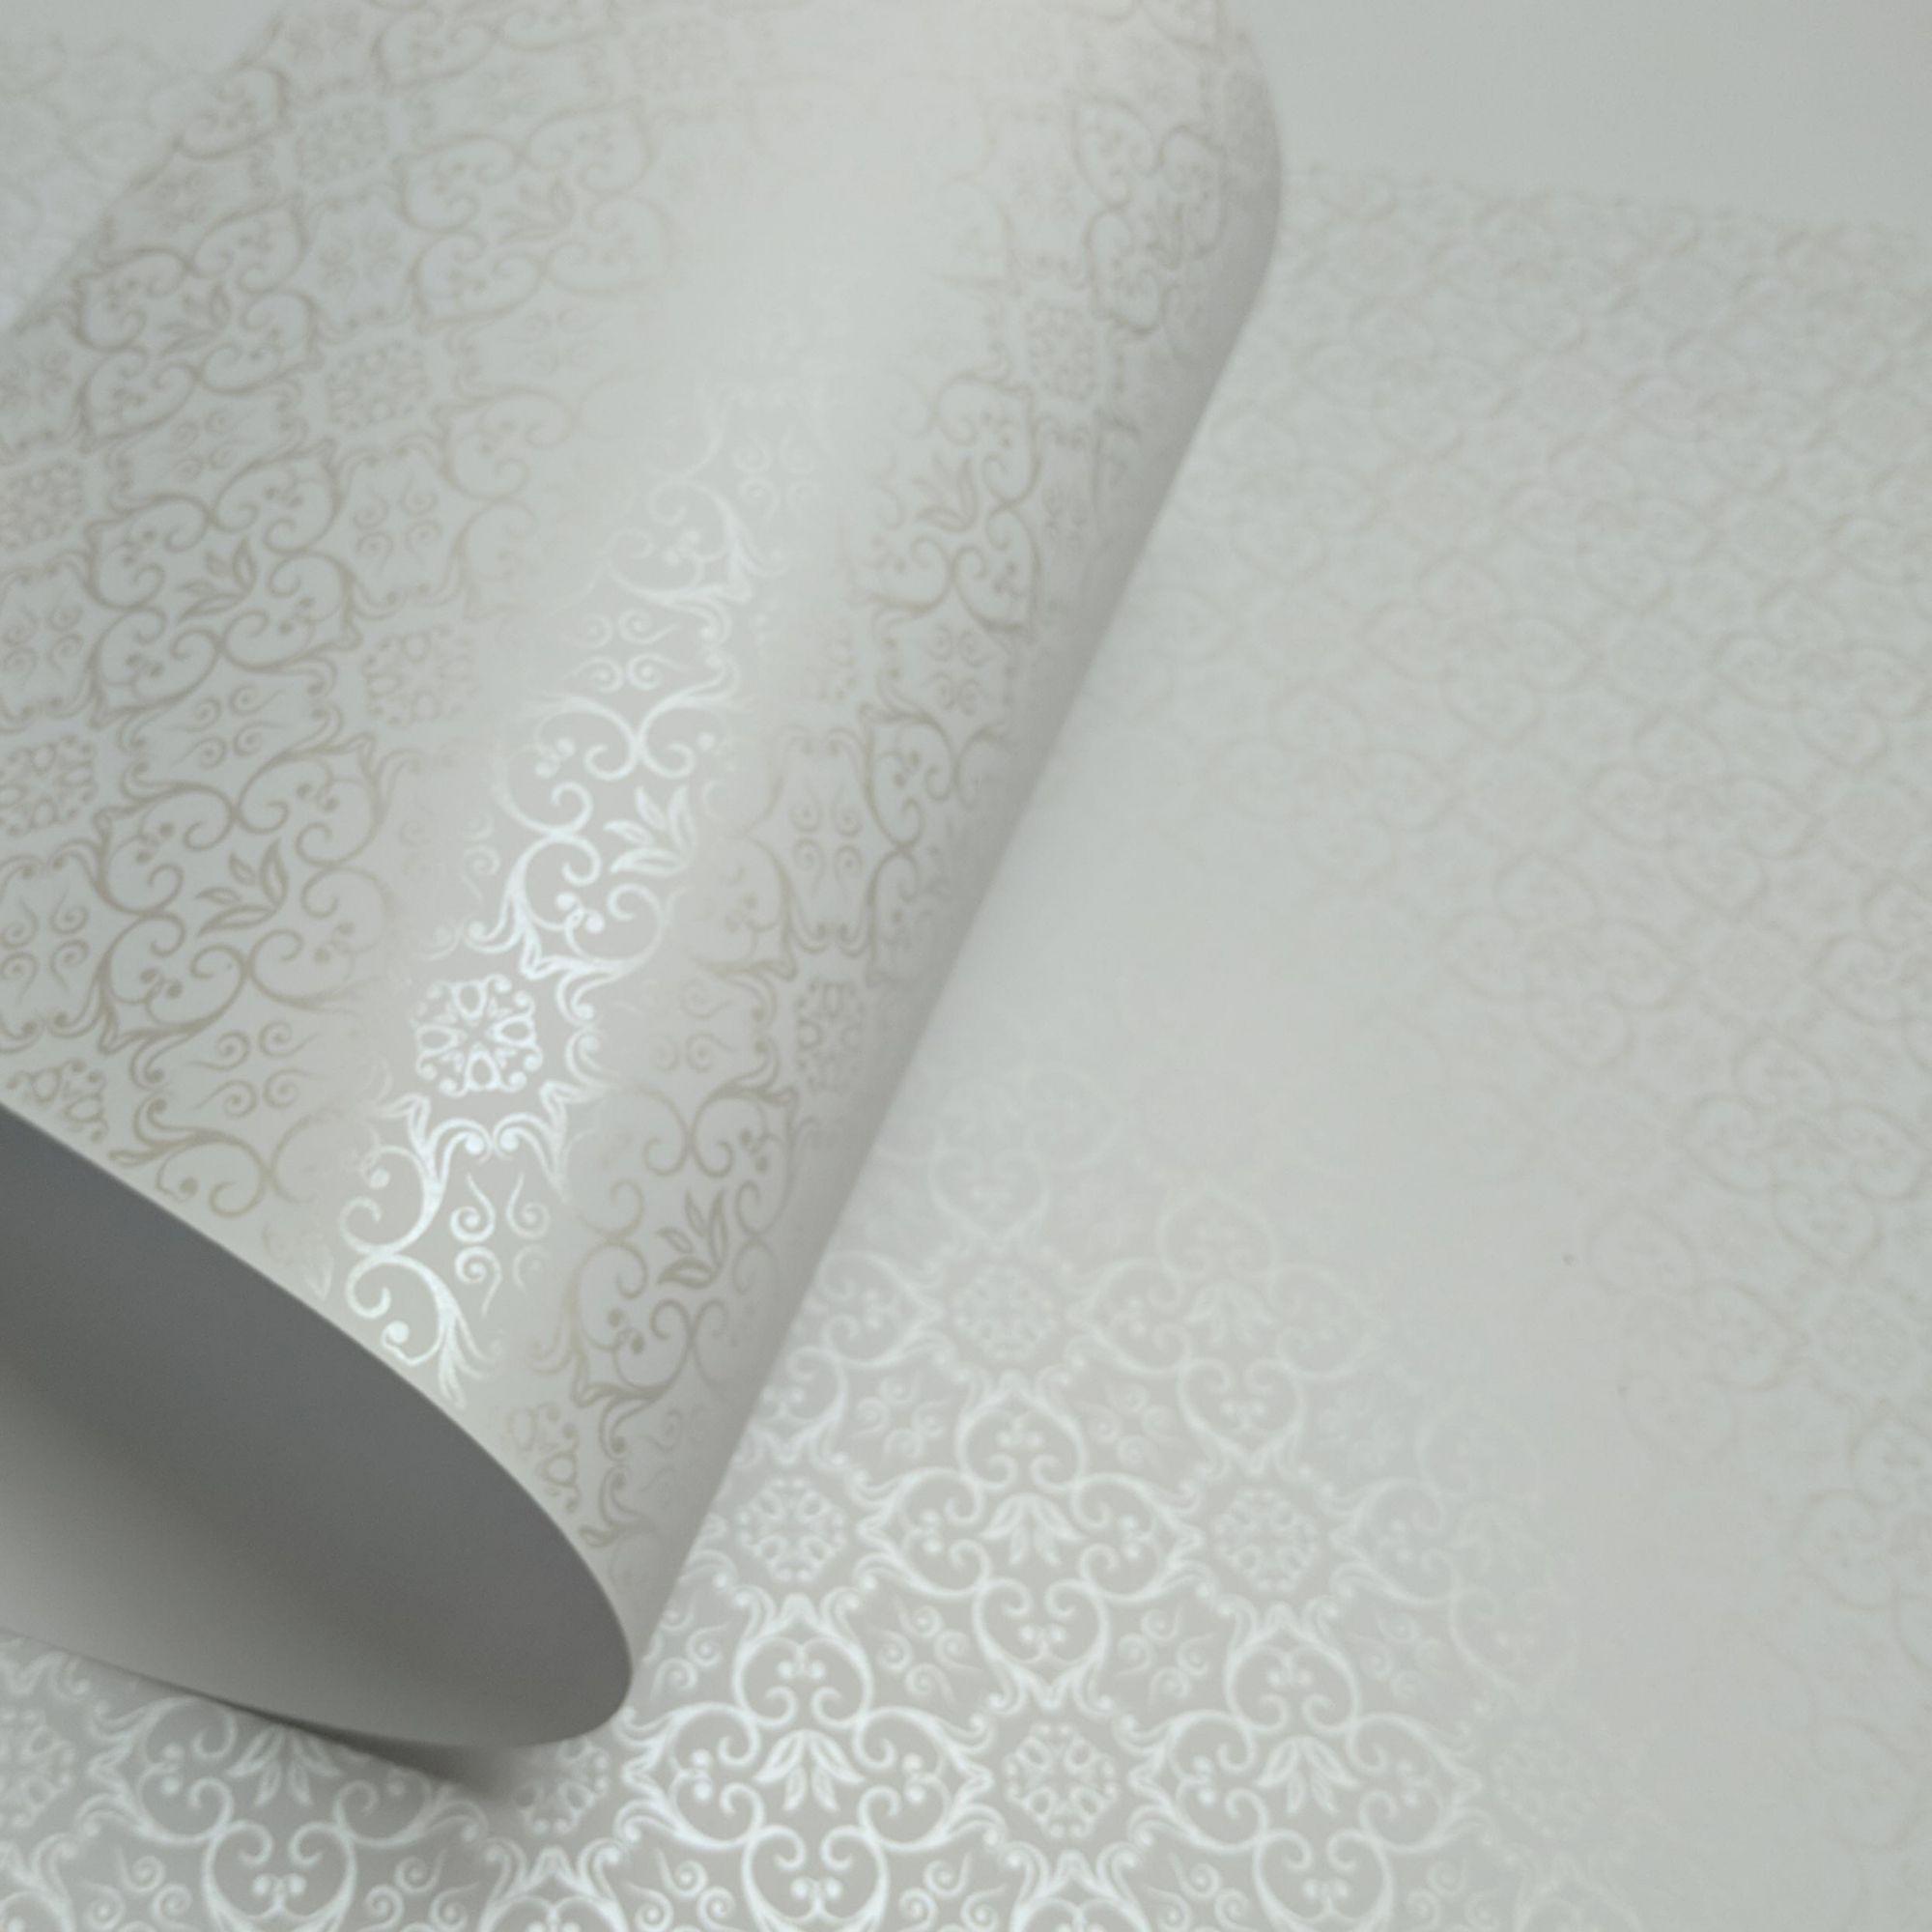 Papel Adamascado - Branco com Pérola - Tam. 32x65cm - 180g/m²